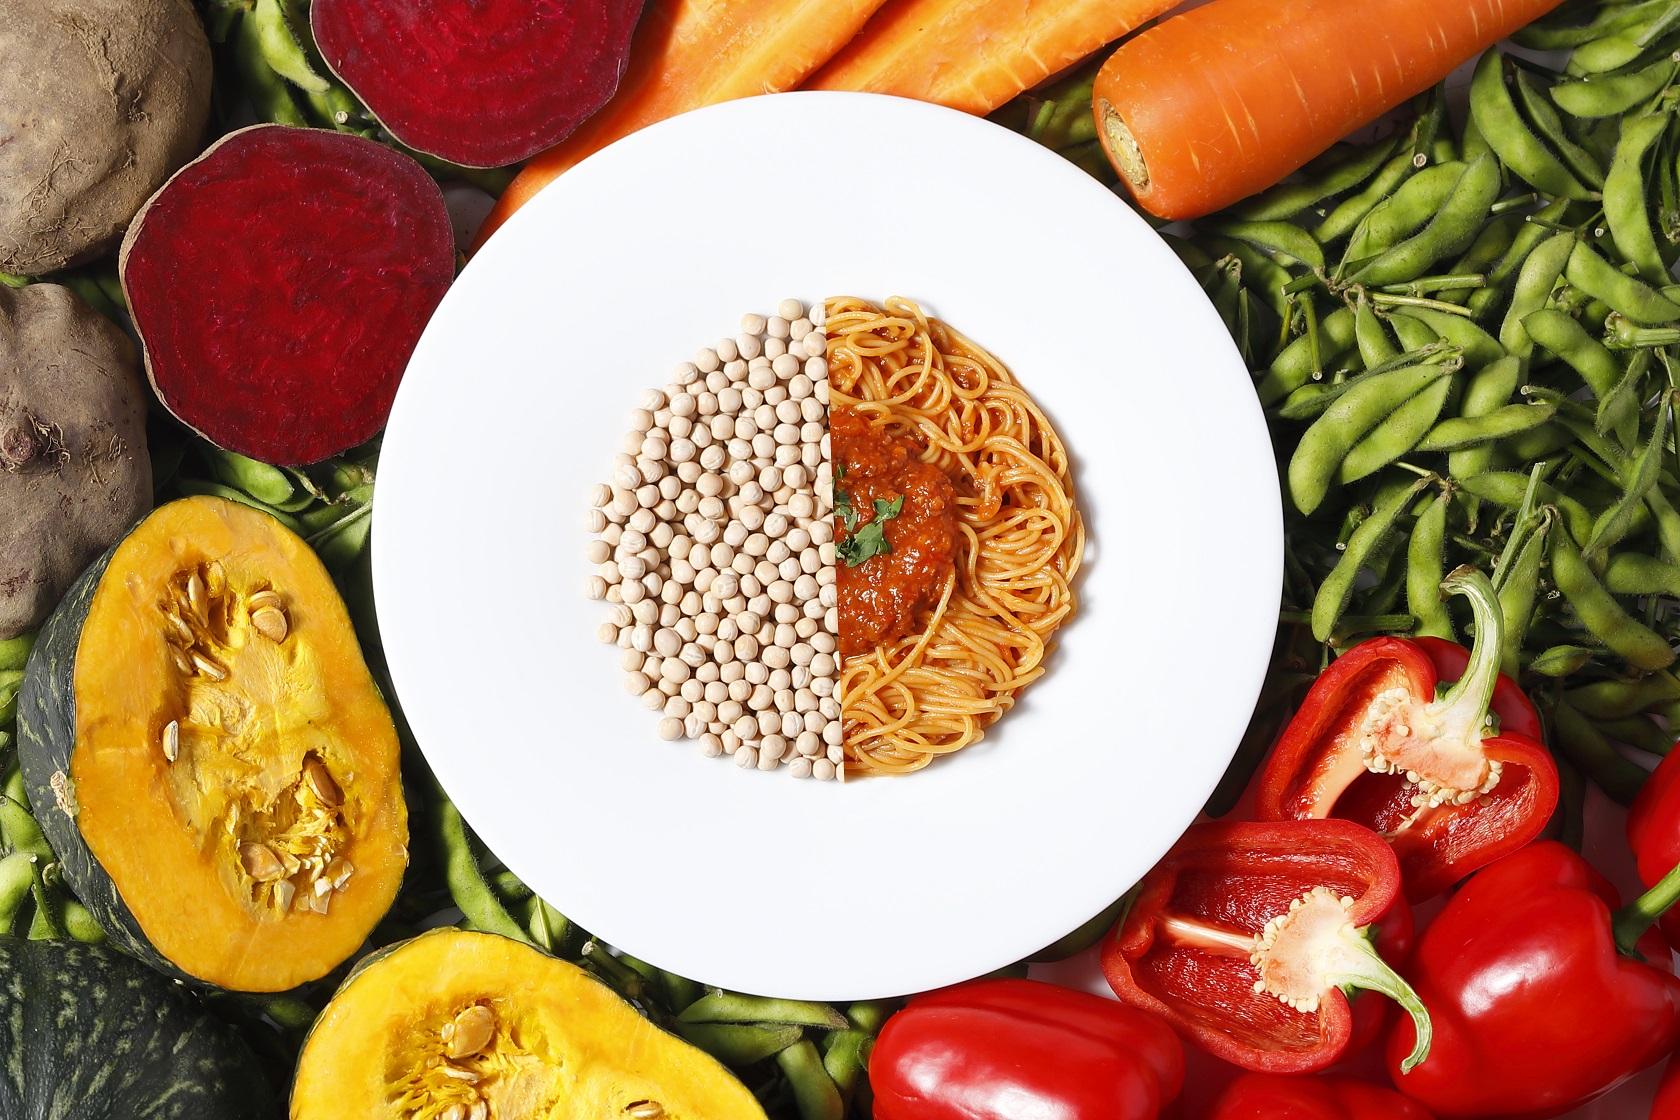 ラグジュアリー&サステイナブルな食体験 ニューオータニの「ムダゼロフルコース」